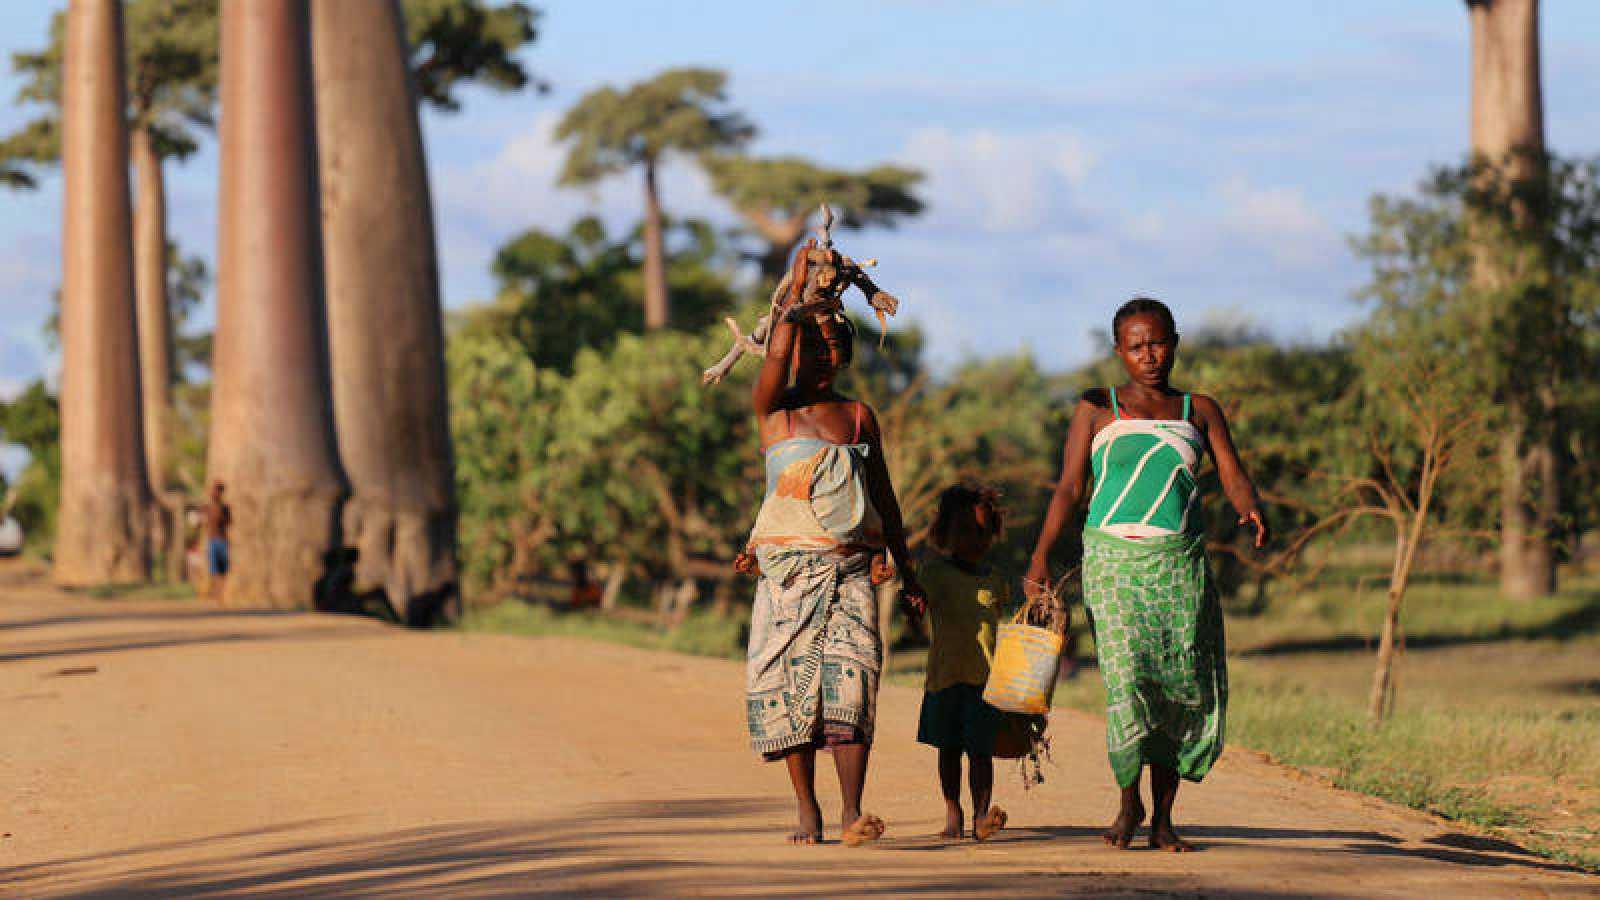 Mujeres africanas paseando con una niña